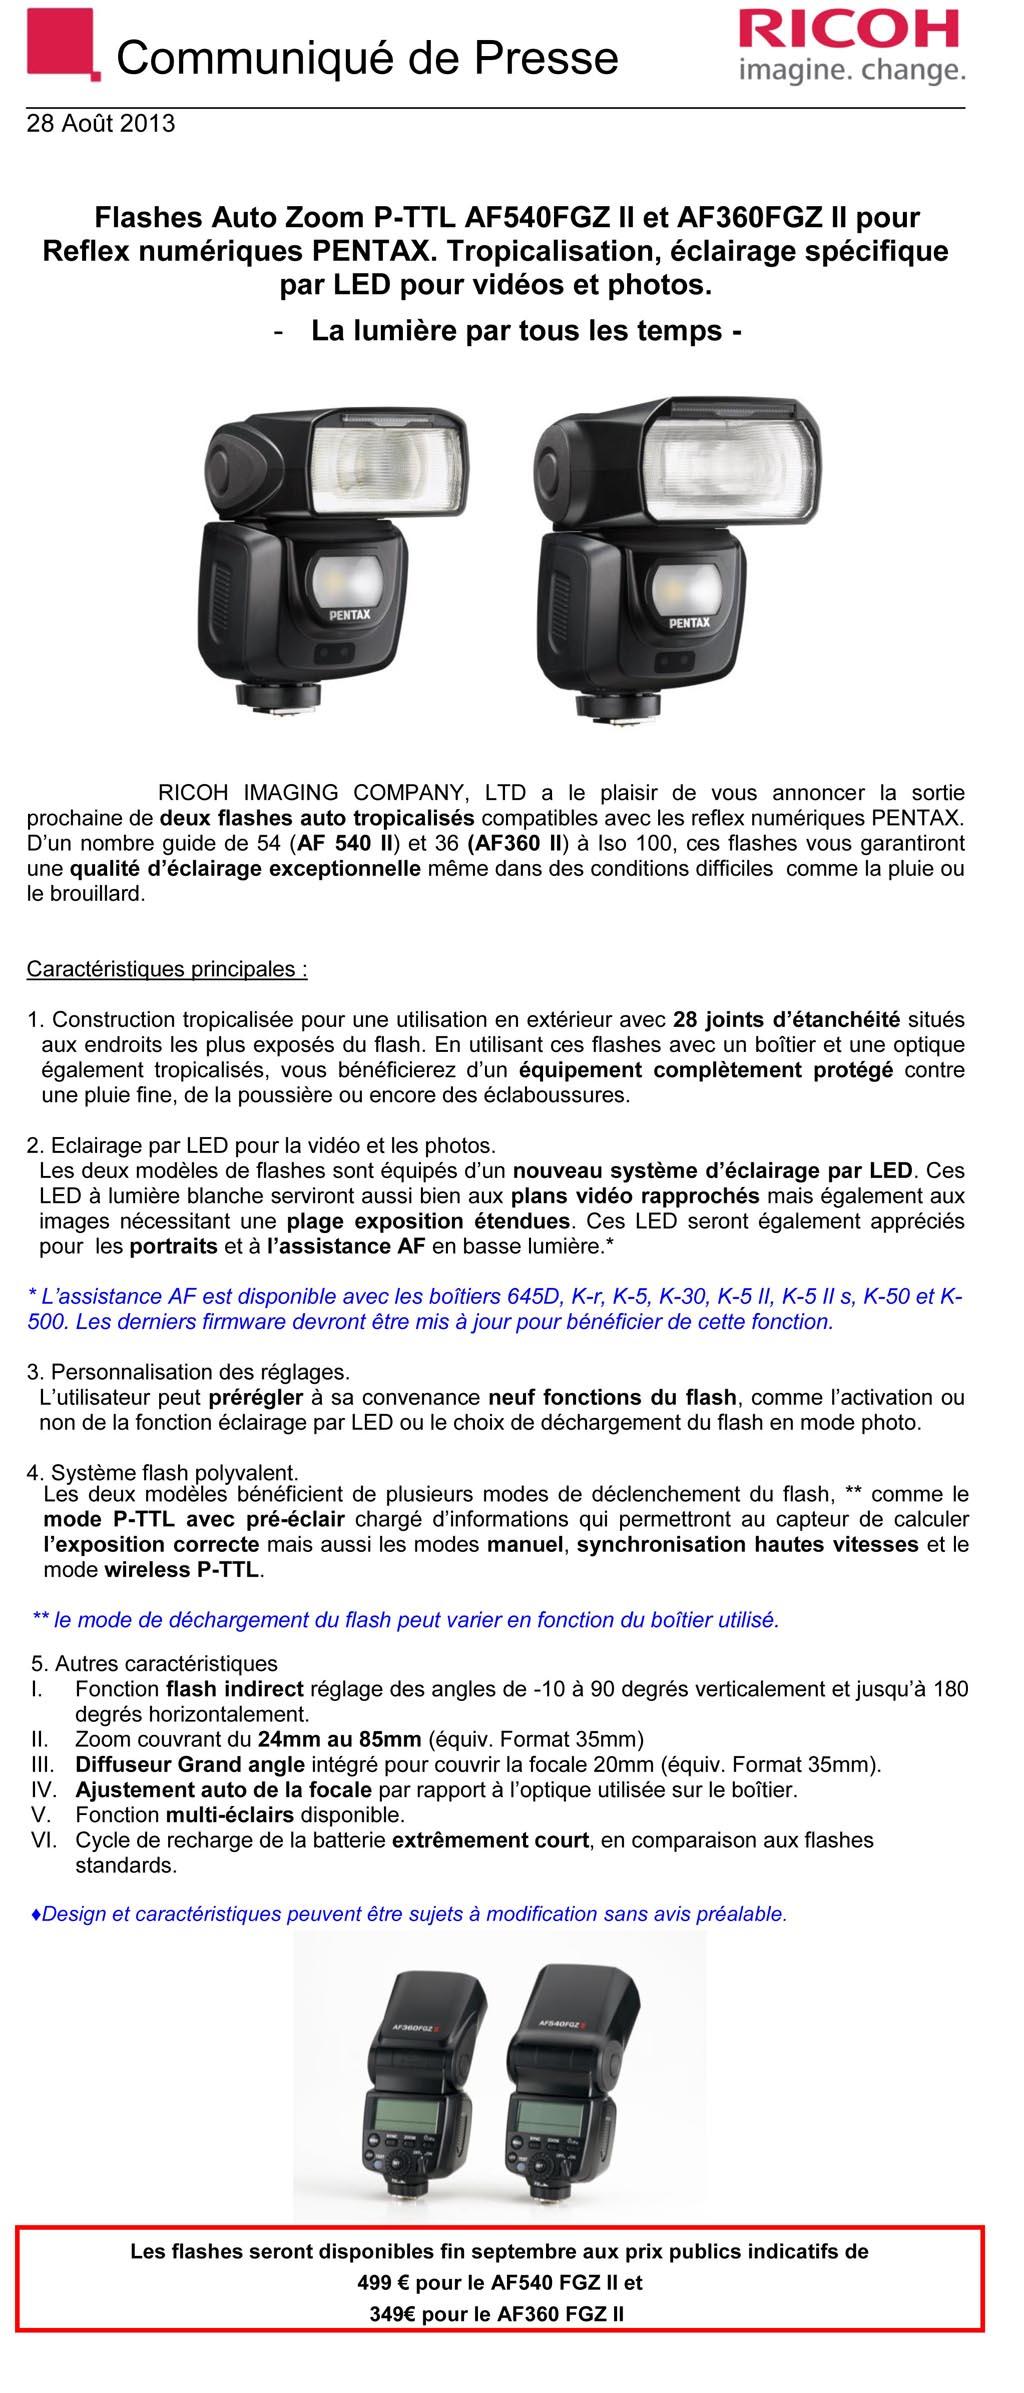 PENTAX RICOH IMAGING - Communiqué Presse 28/08/2013 - Flash AF540FGZ II etAF360FGZ II 6dcq